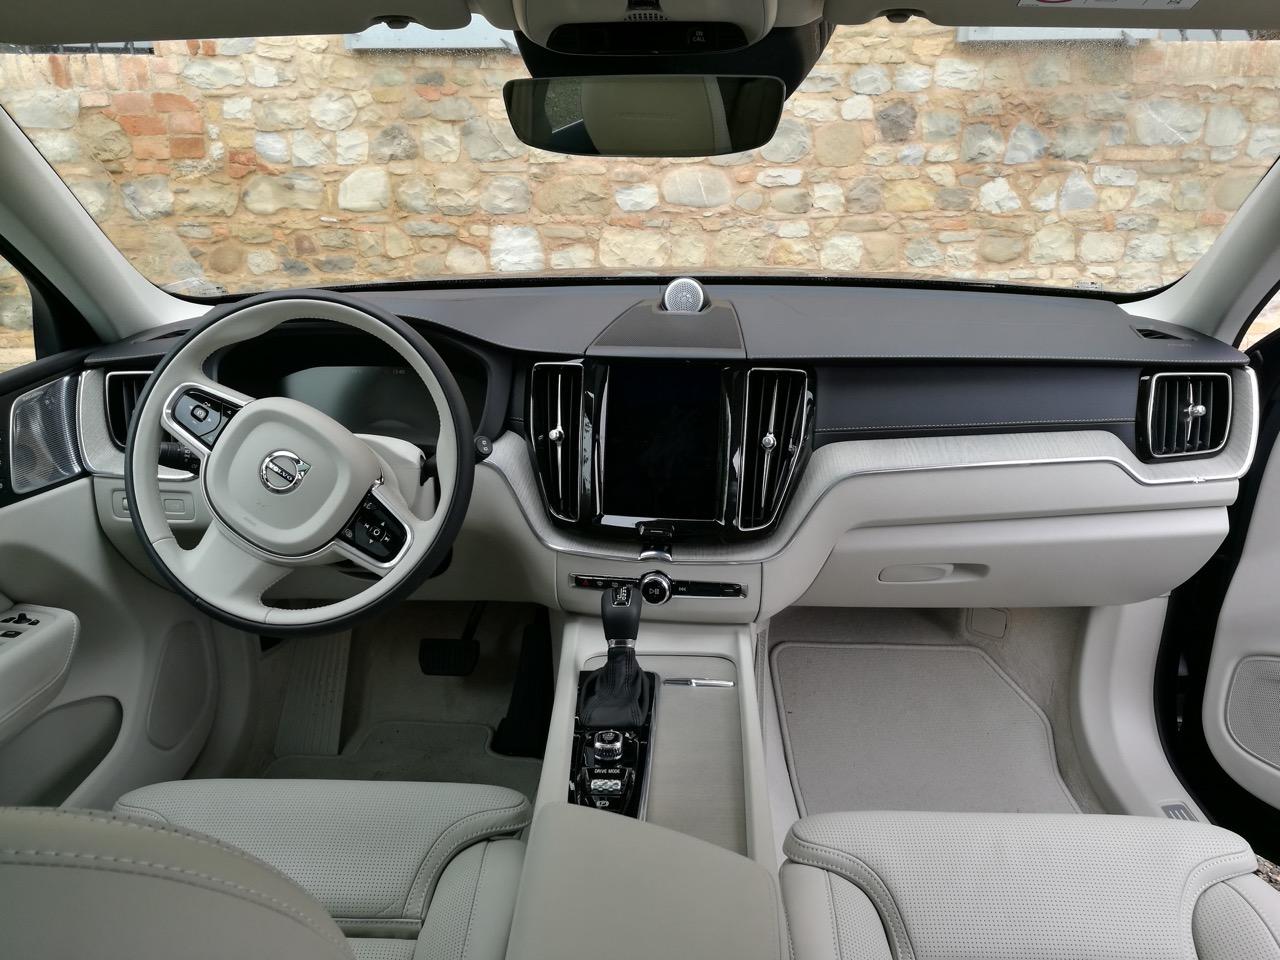 Volvo XC60 2017 - Primo Contatto